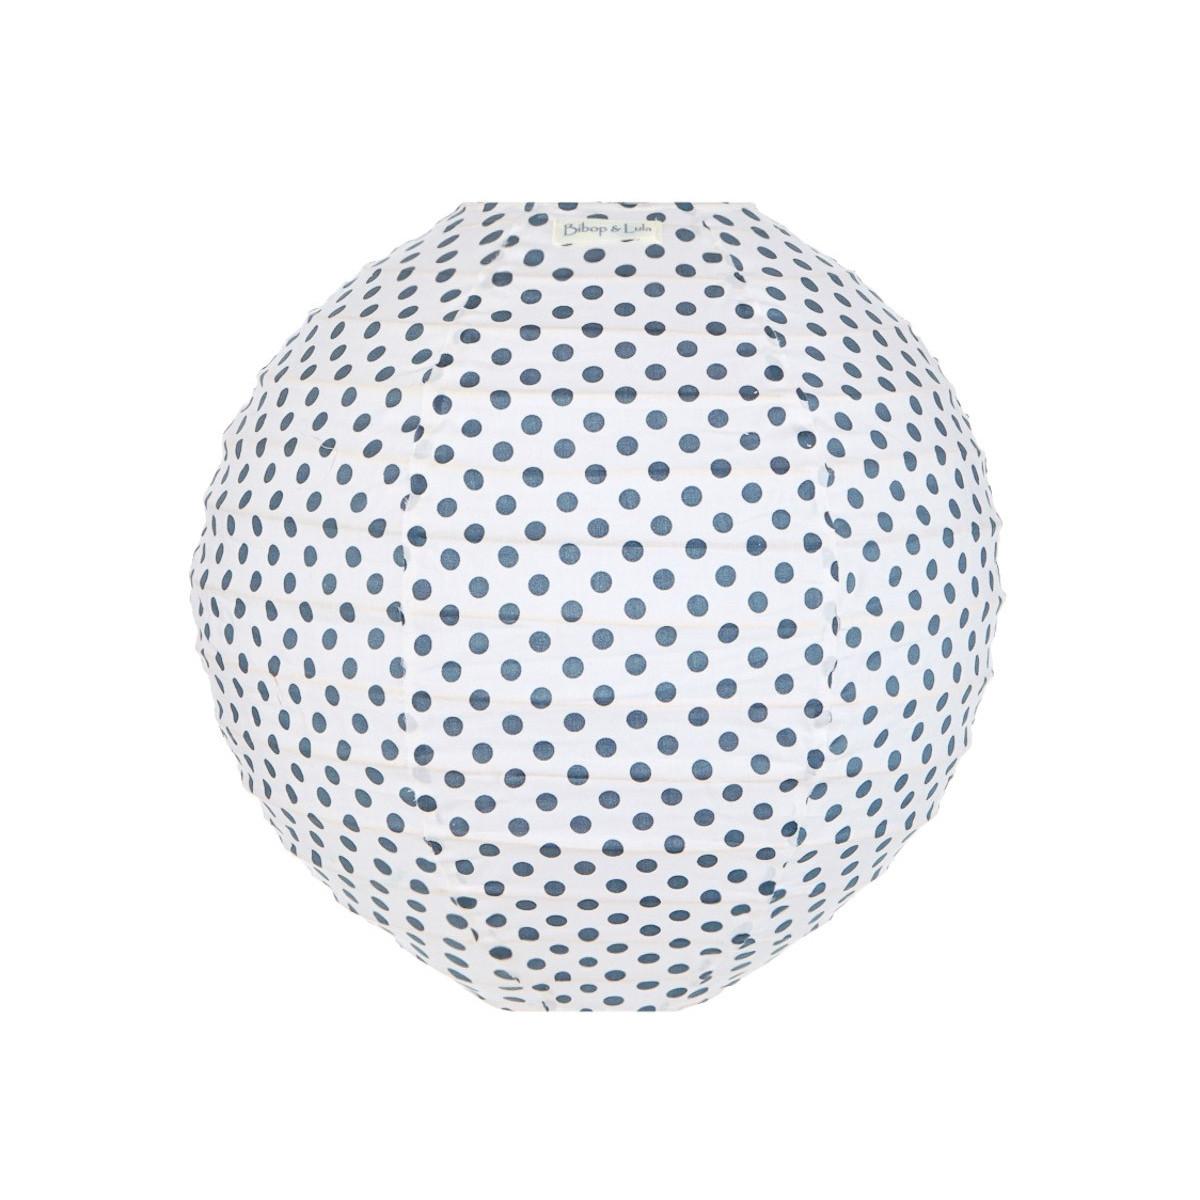 Lampion tissu rond Pois gris